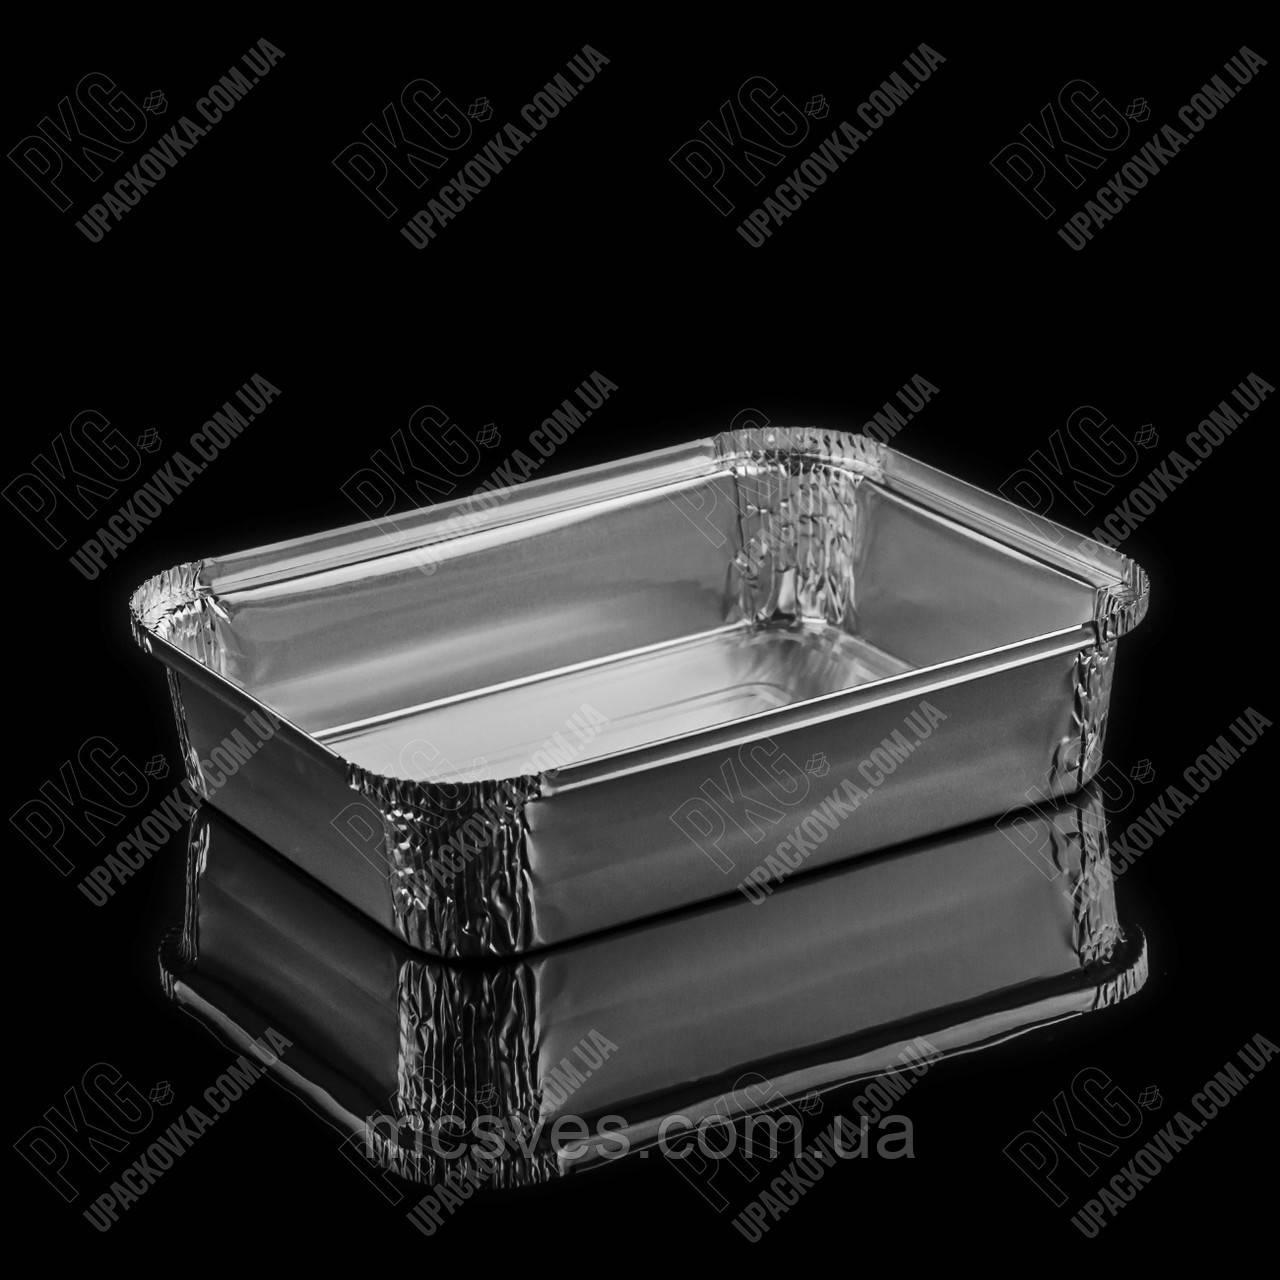 Контейнер с крышкой из пищевой алюминиевой фольги R27L (210*160*45)